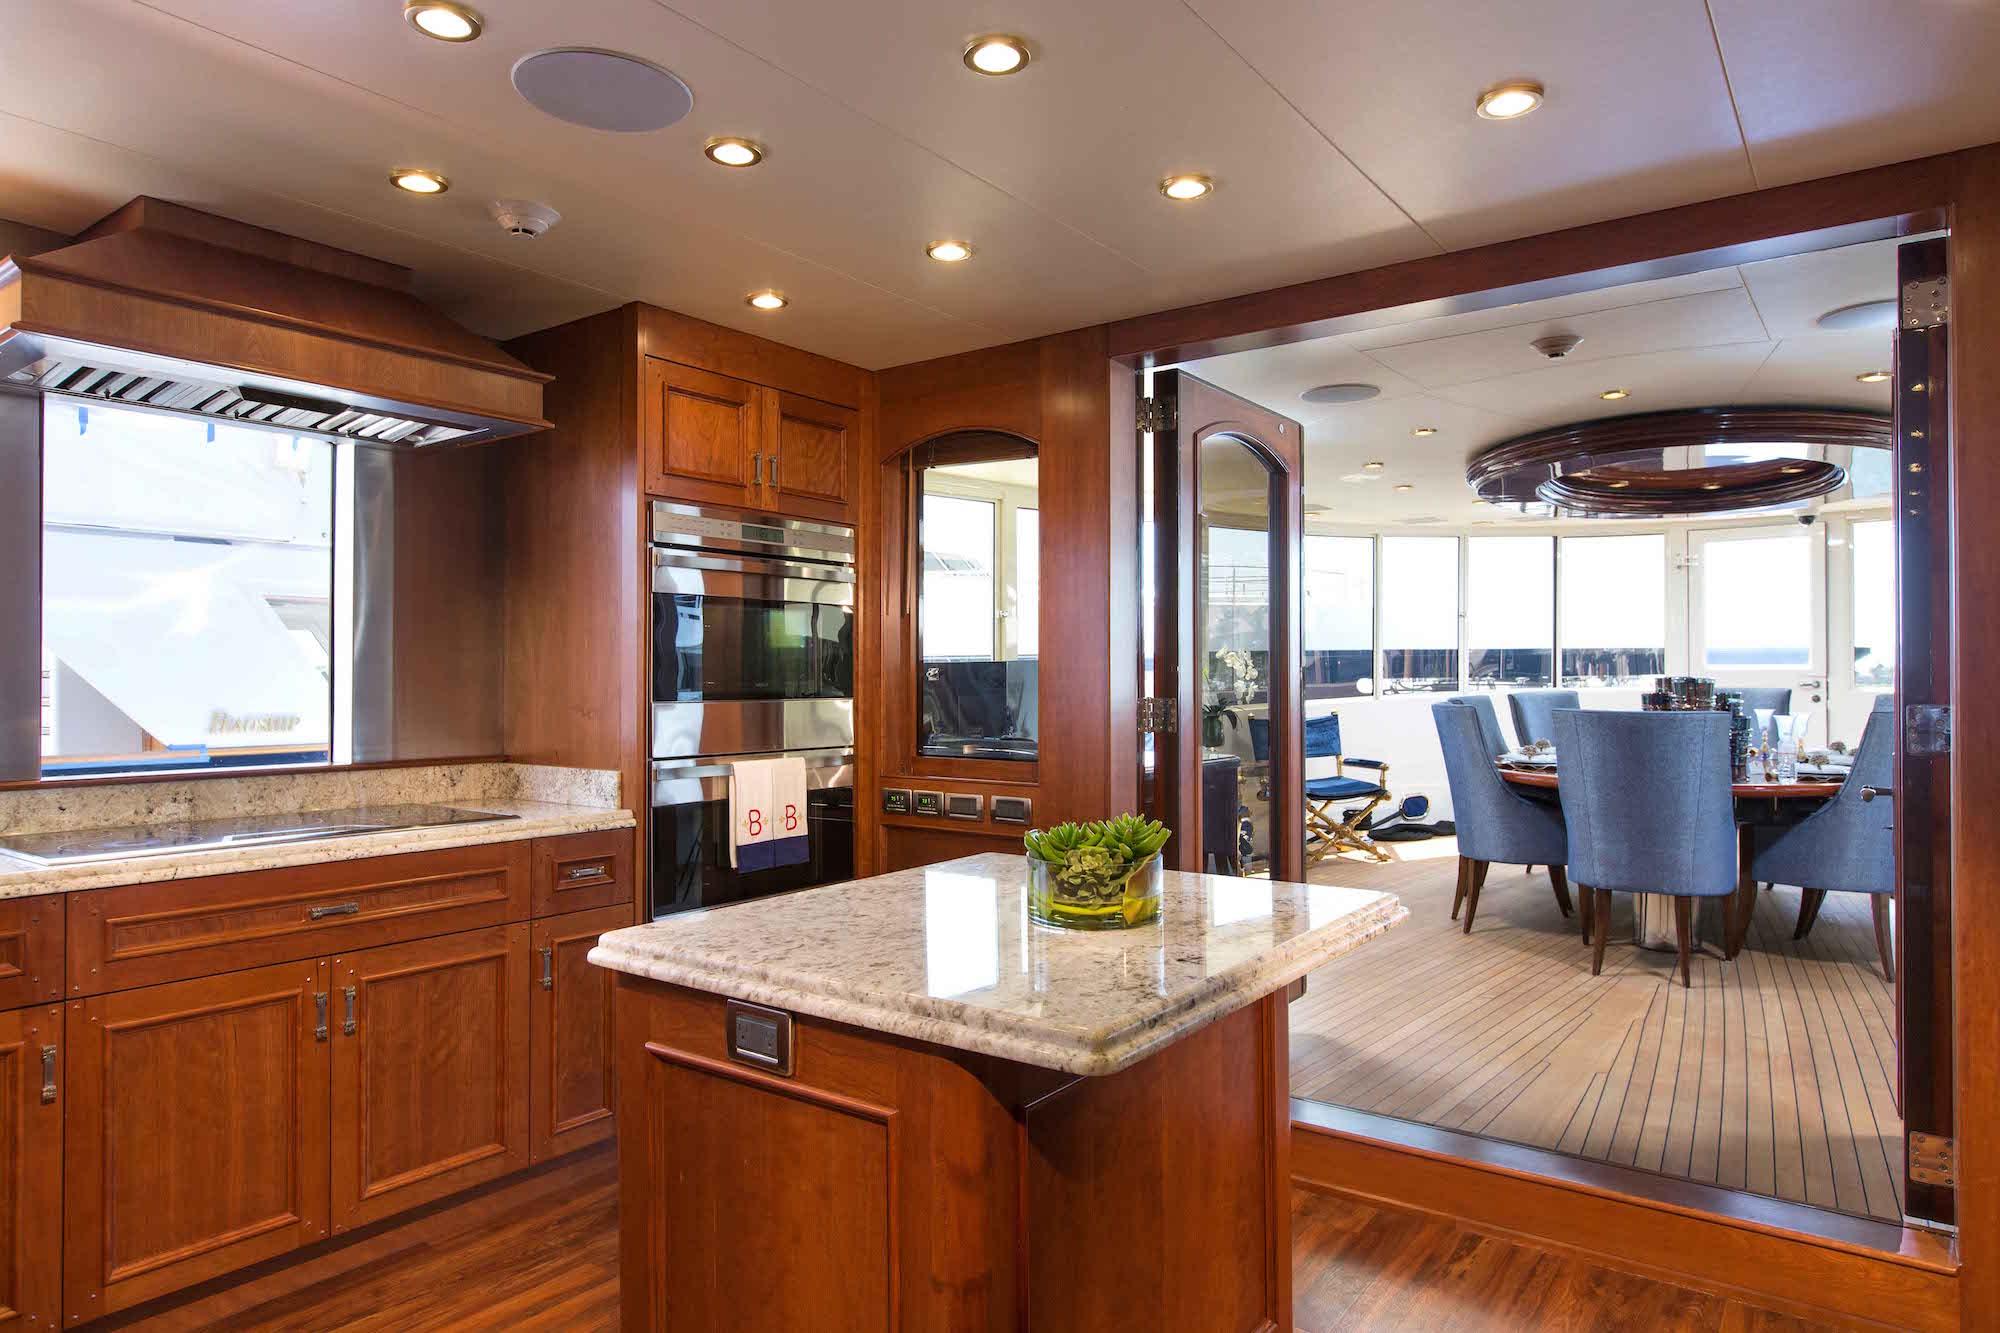 bread-yacht-interior-4-galley